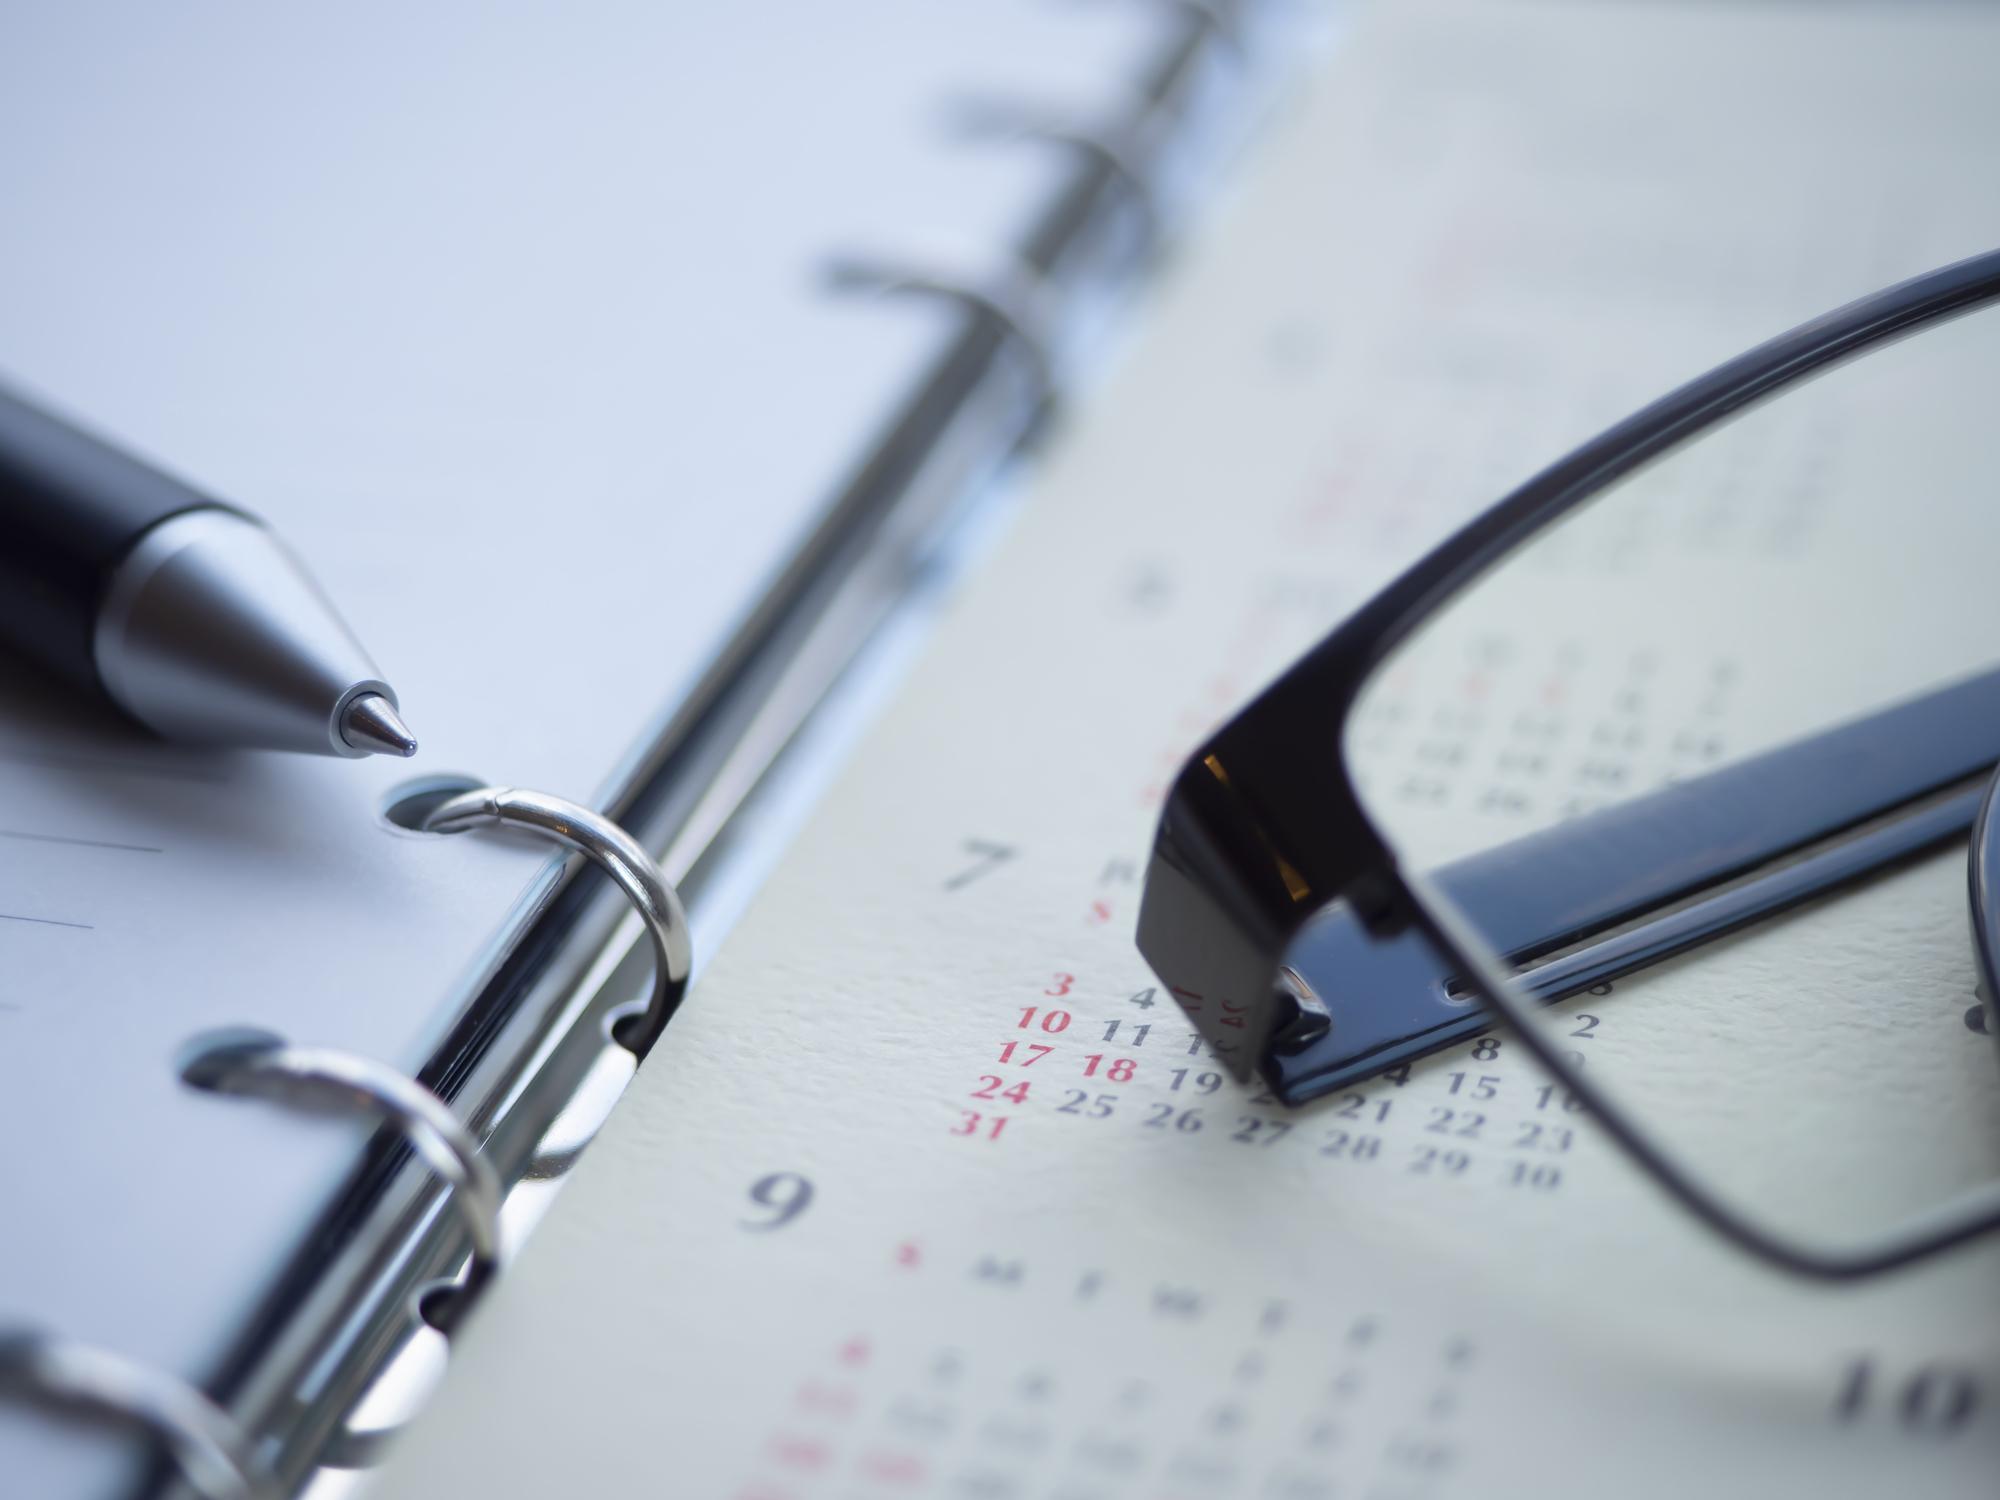 事業承継の準備|事業承継の計画を立てる手順や考え始めるべきタイミング